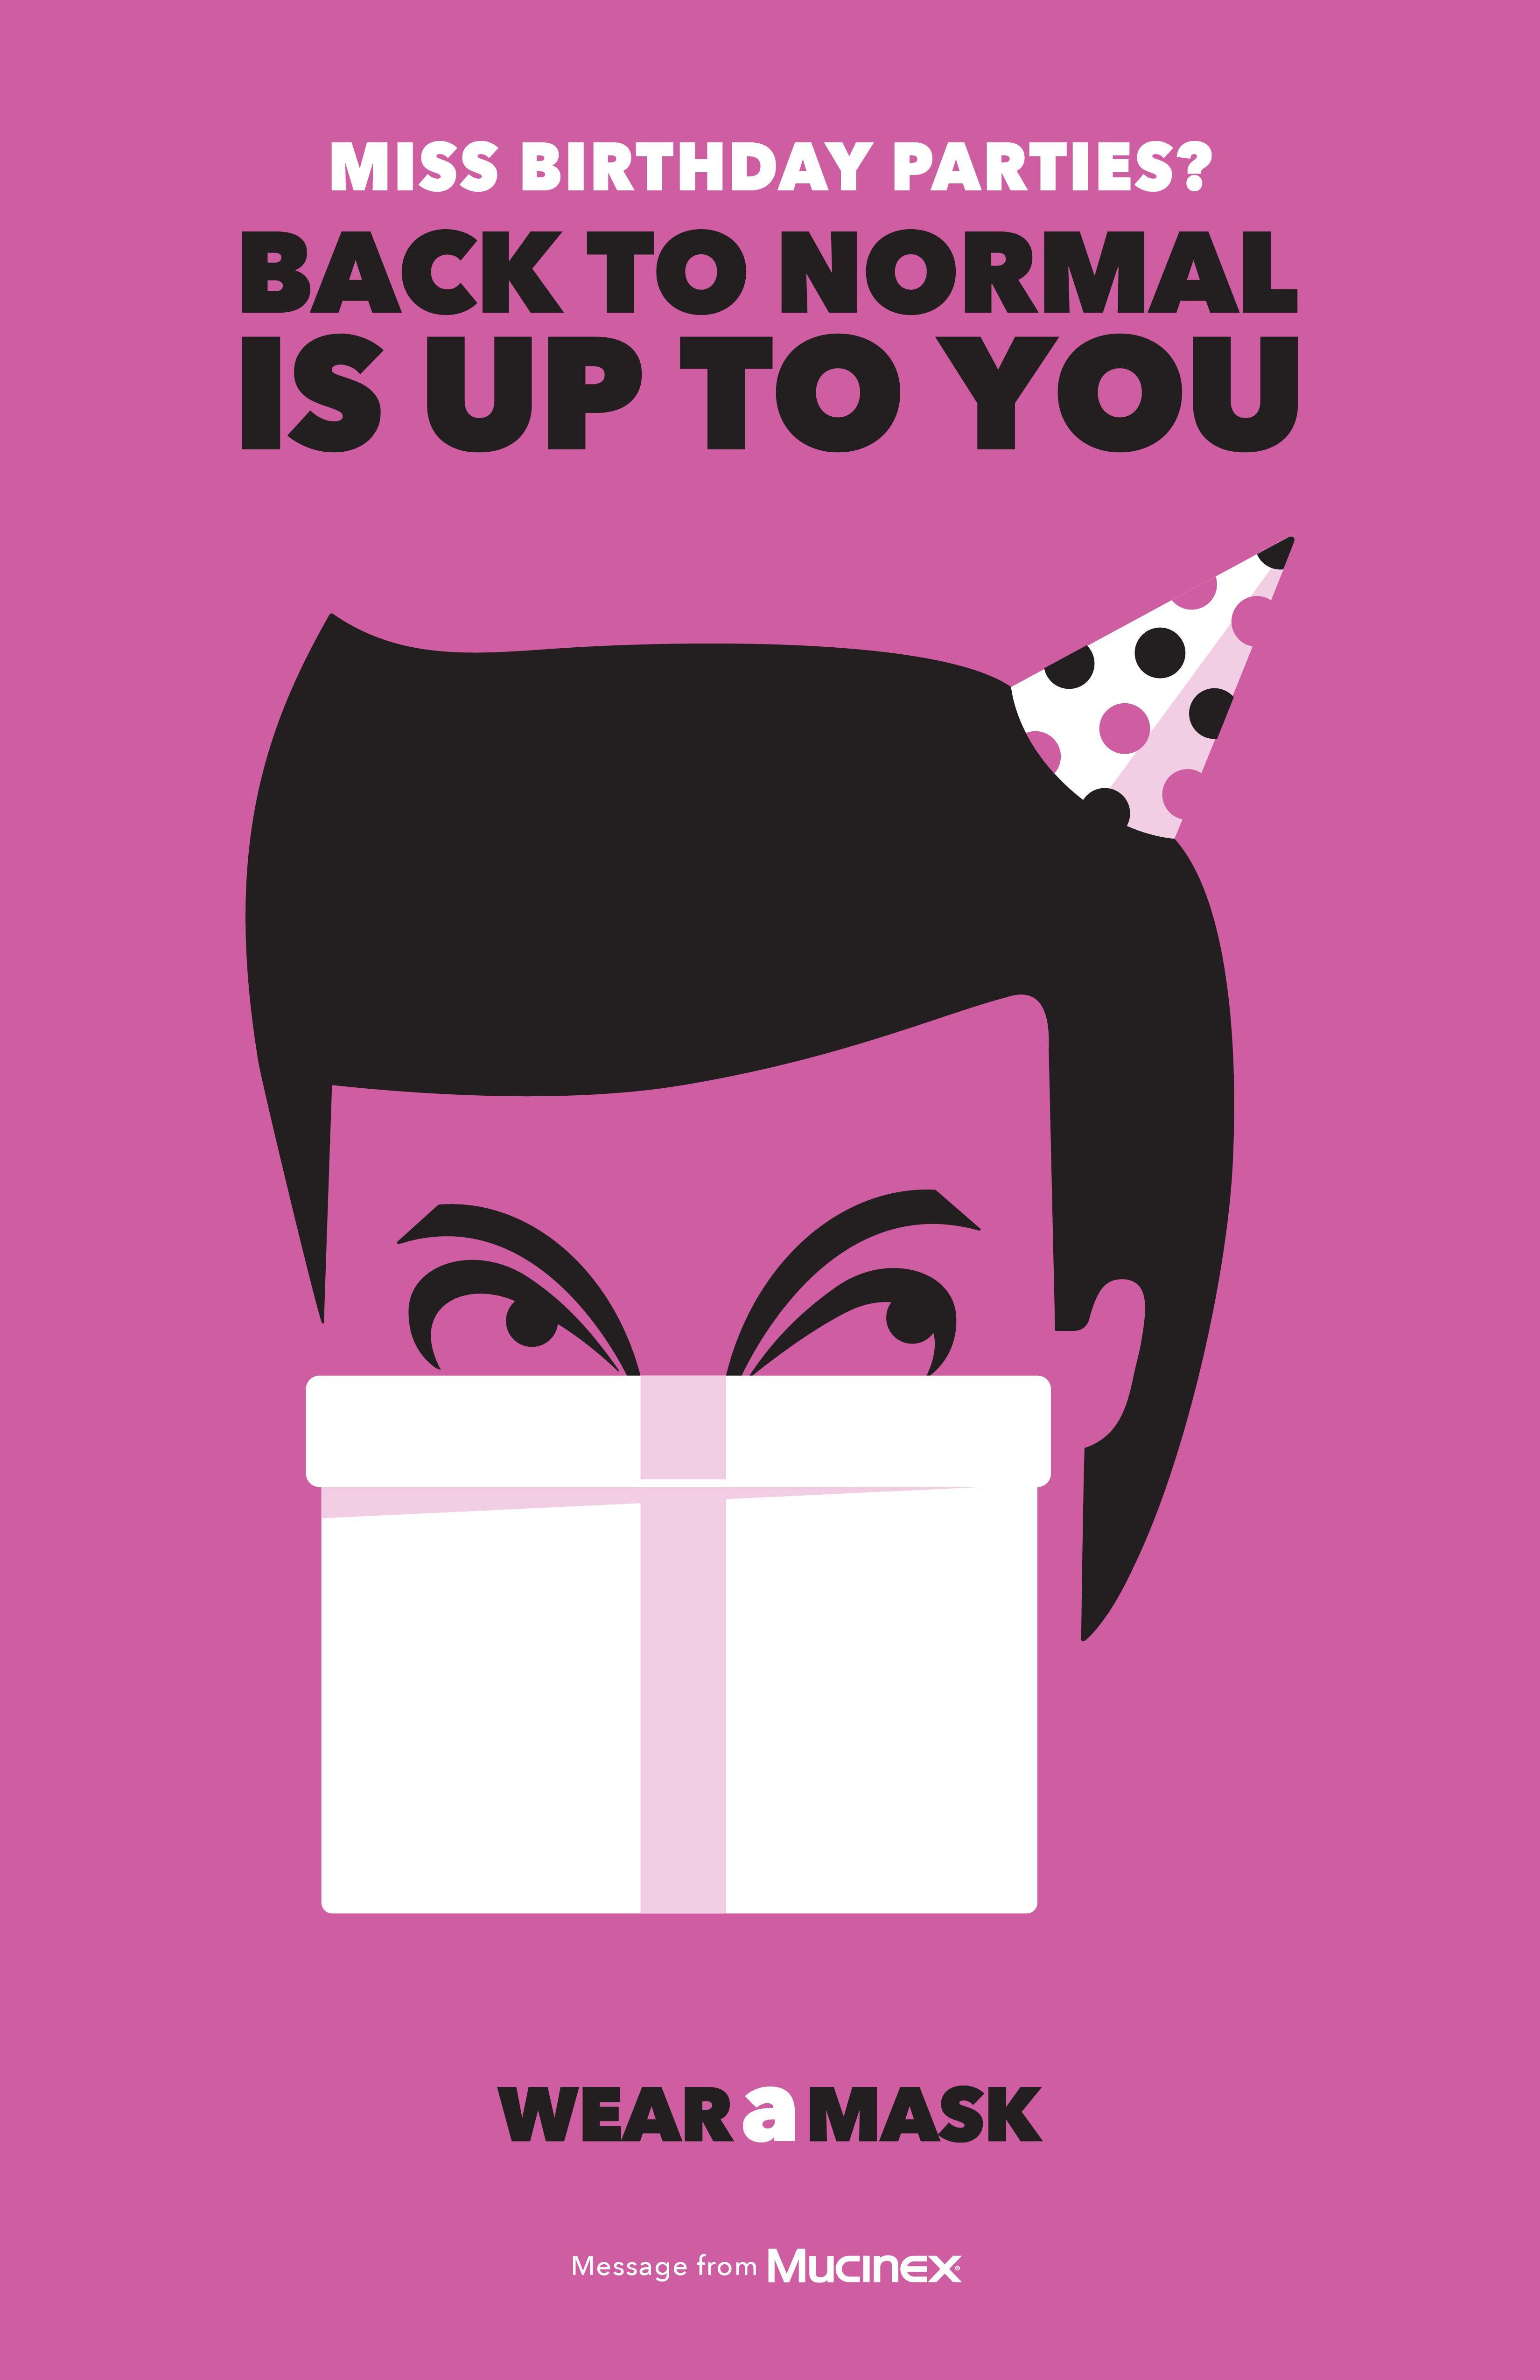 Mucinex - Wear a mask (Birthday parties)